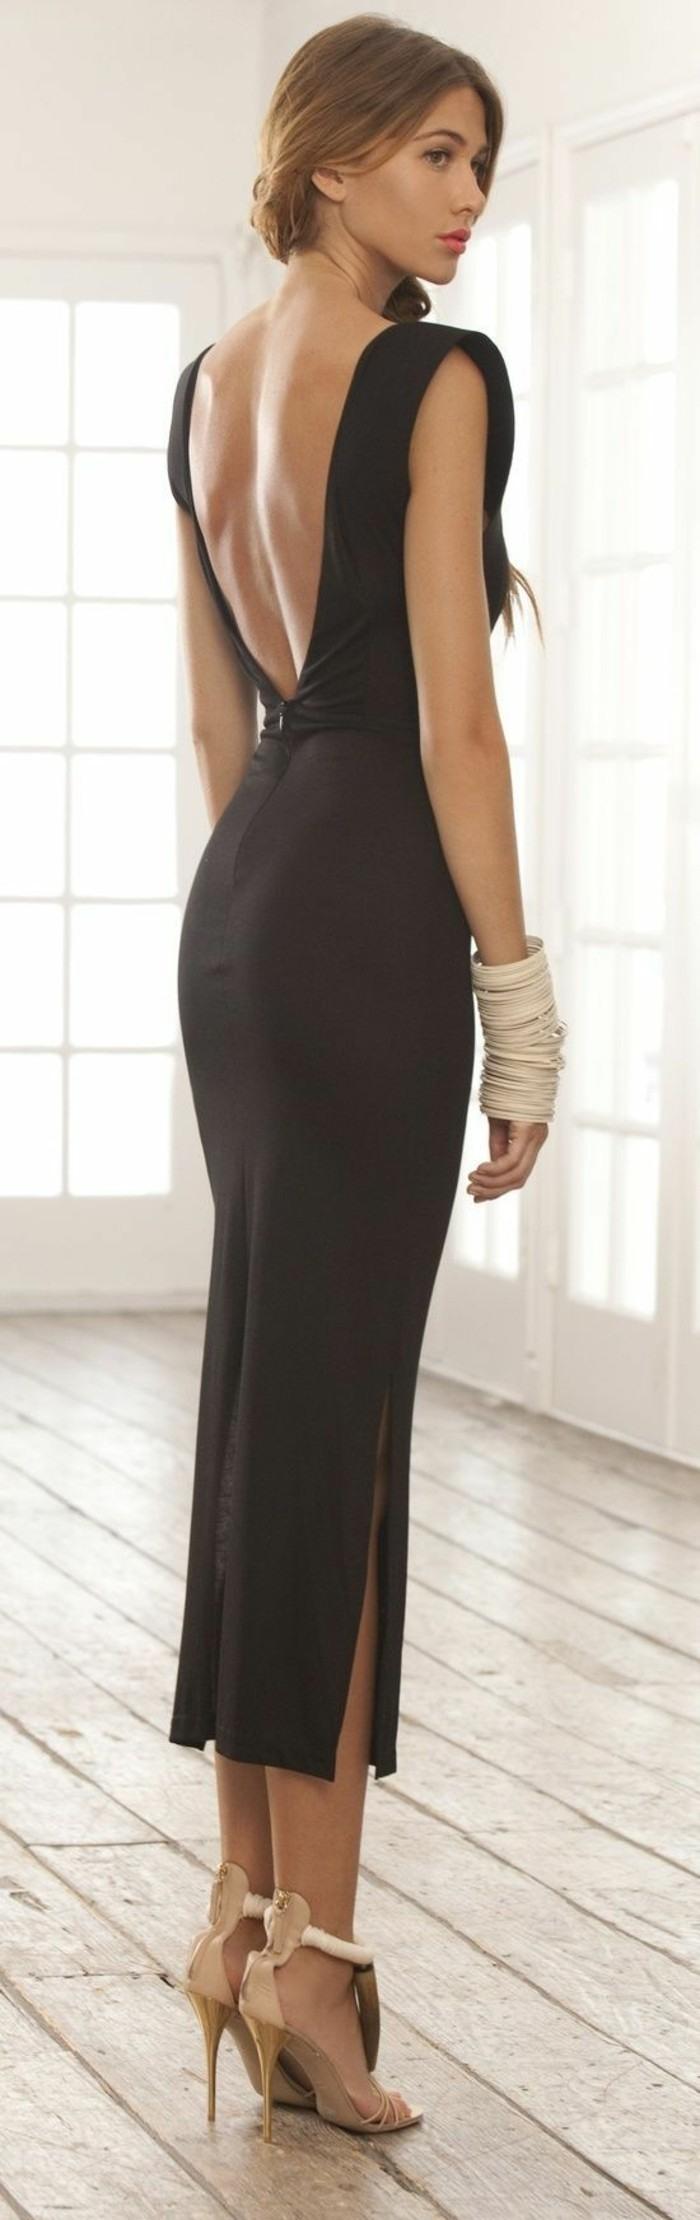 13 Leicht Kleid Rückenfrei DesignAbend Luxus Kleid Rückenfrei Stylish